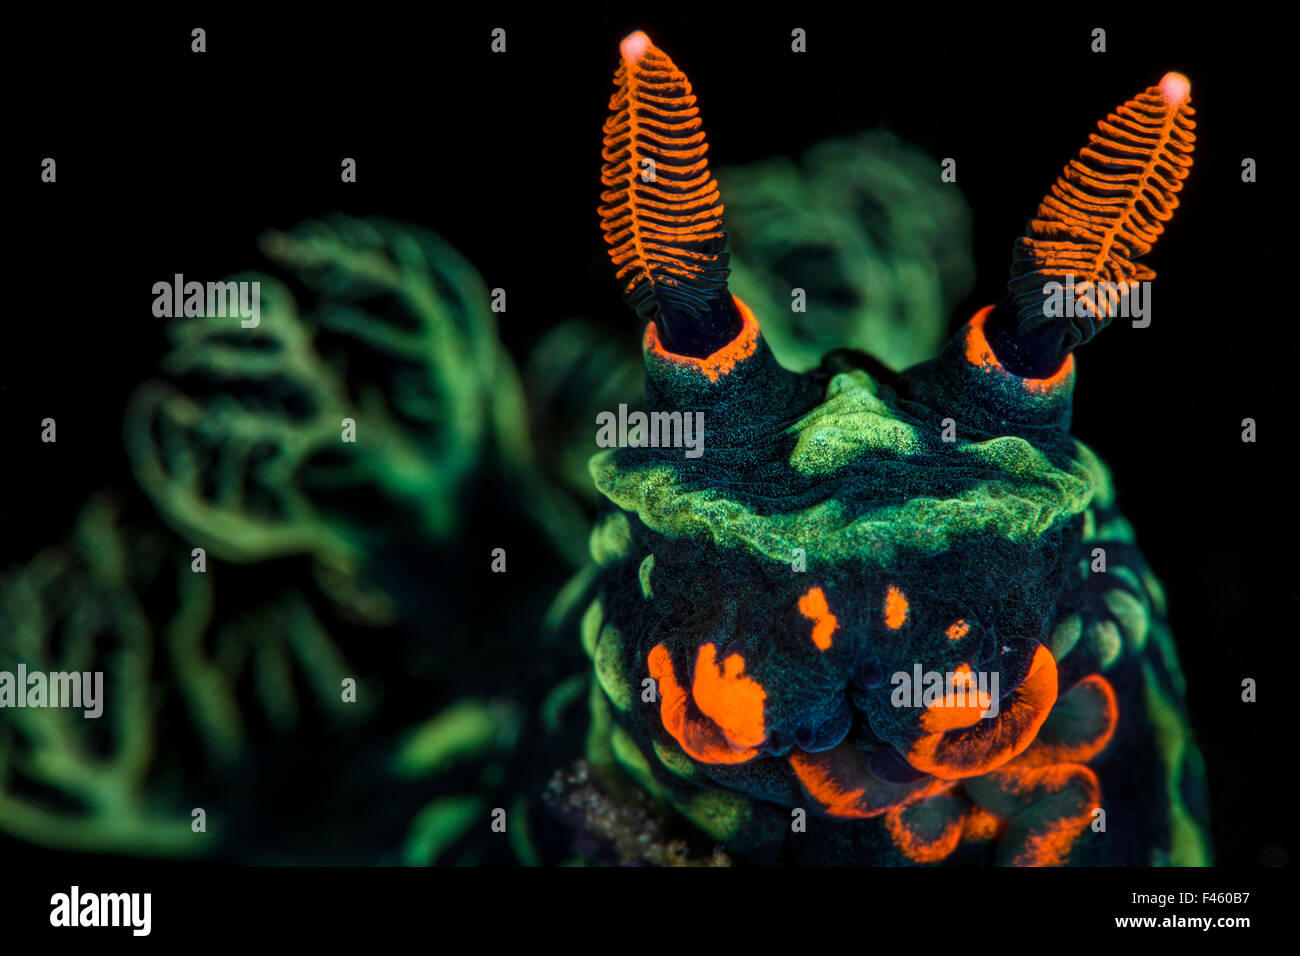 Hohe Vergrößerung Foto von Nacktschnecken (Nembrotha Kubaryana), zeigt orange Mundwerkzeuge und sensorischen Stockbild